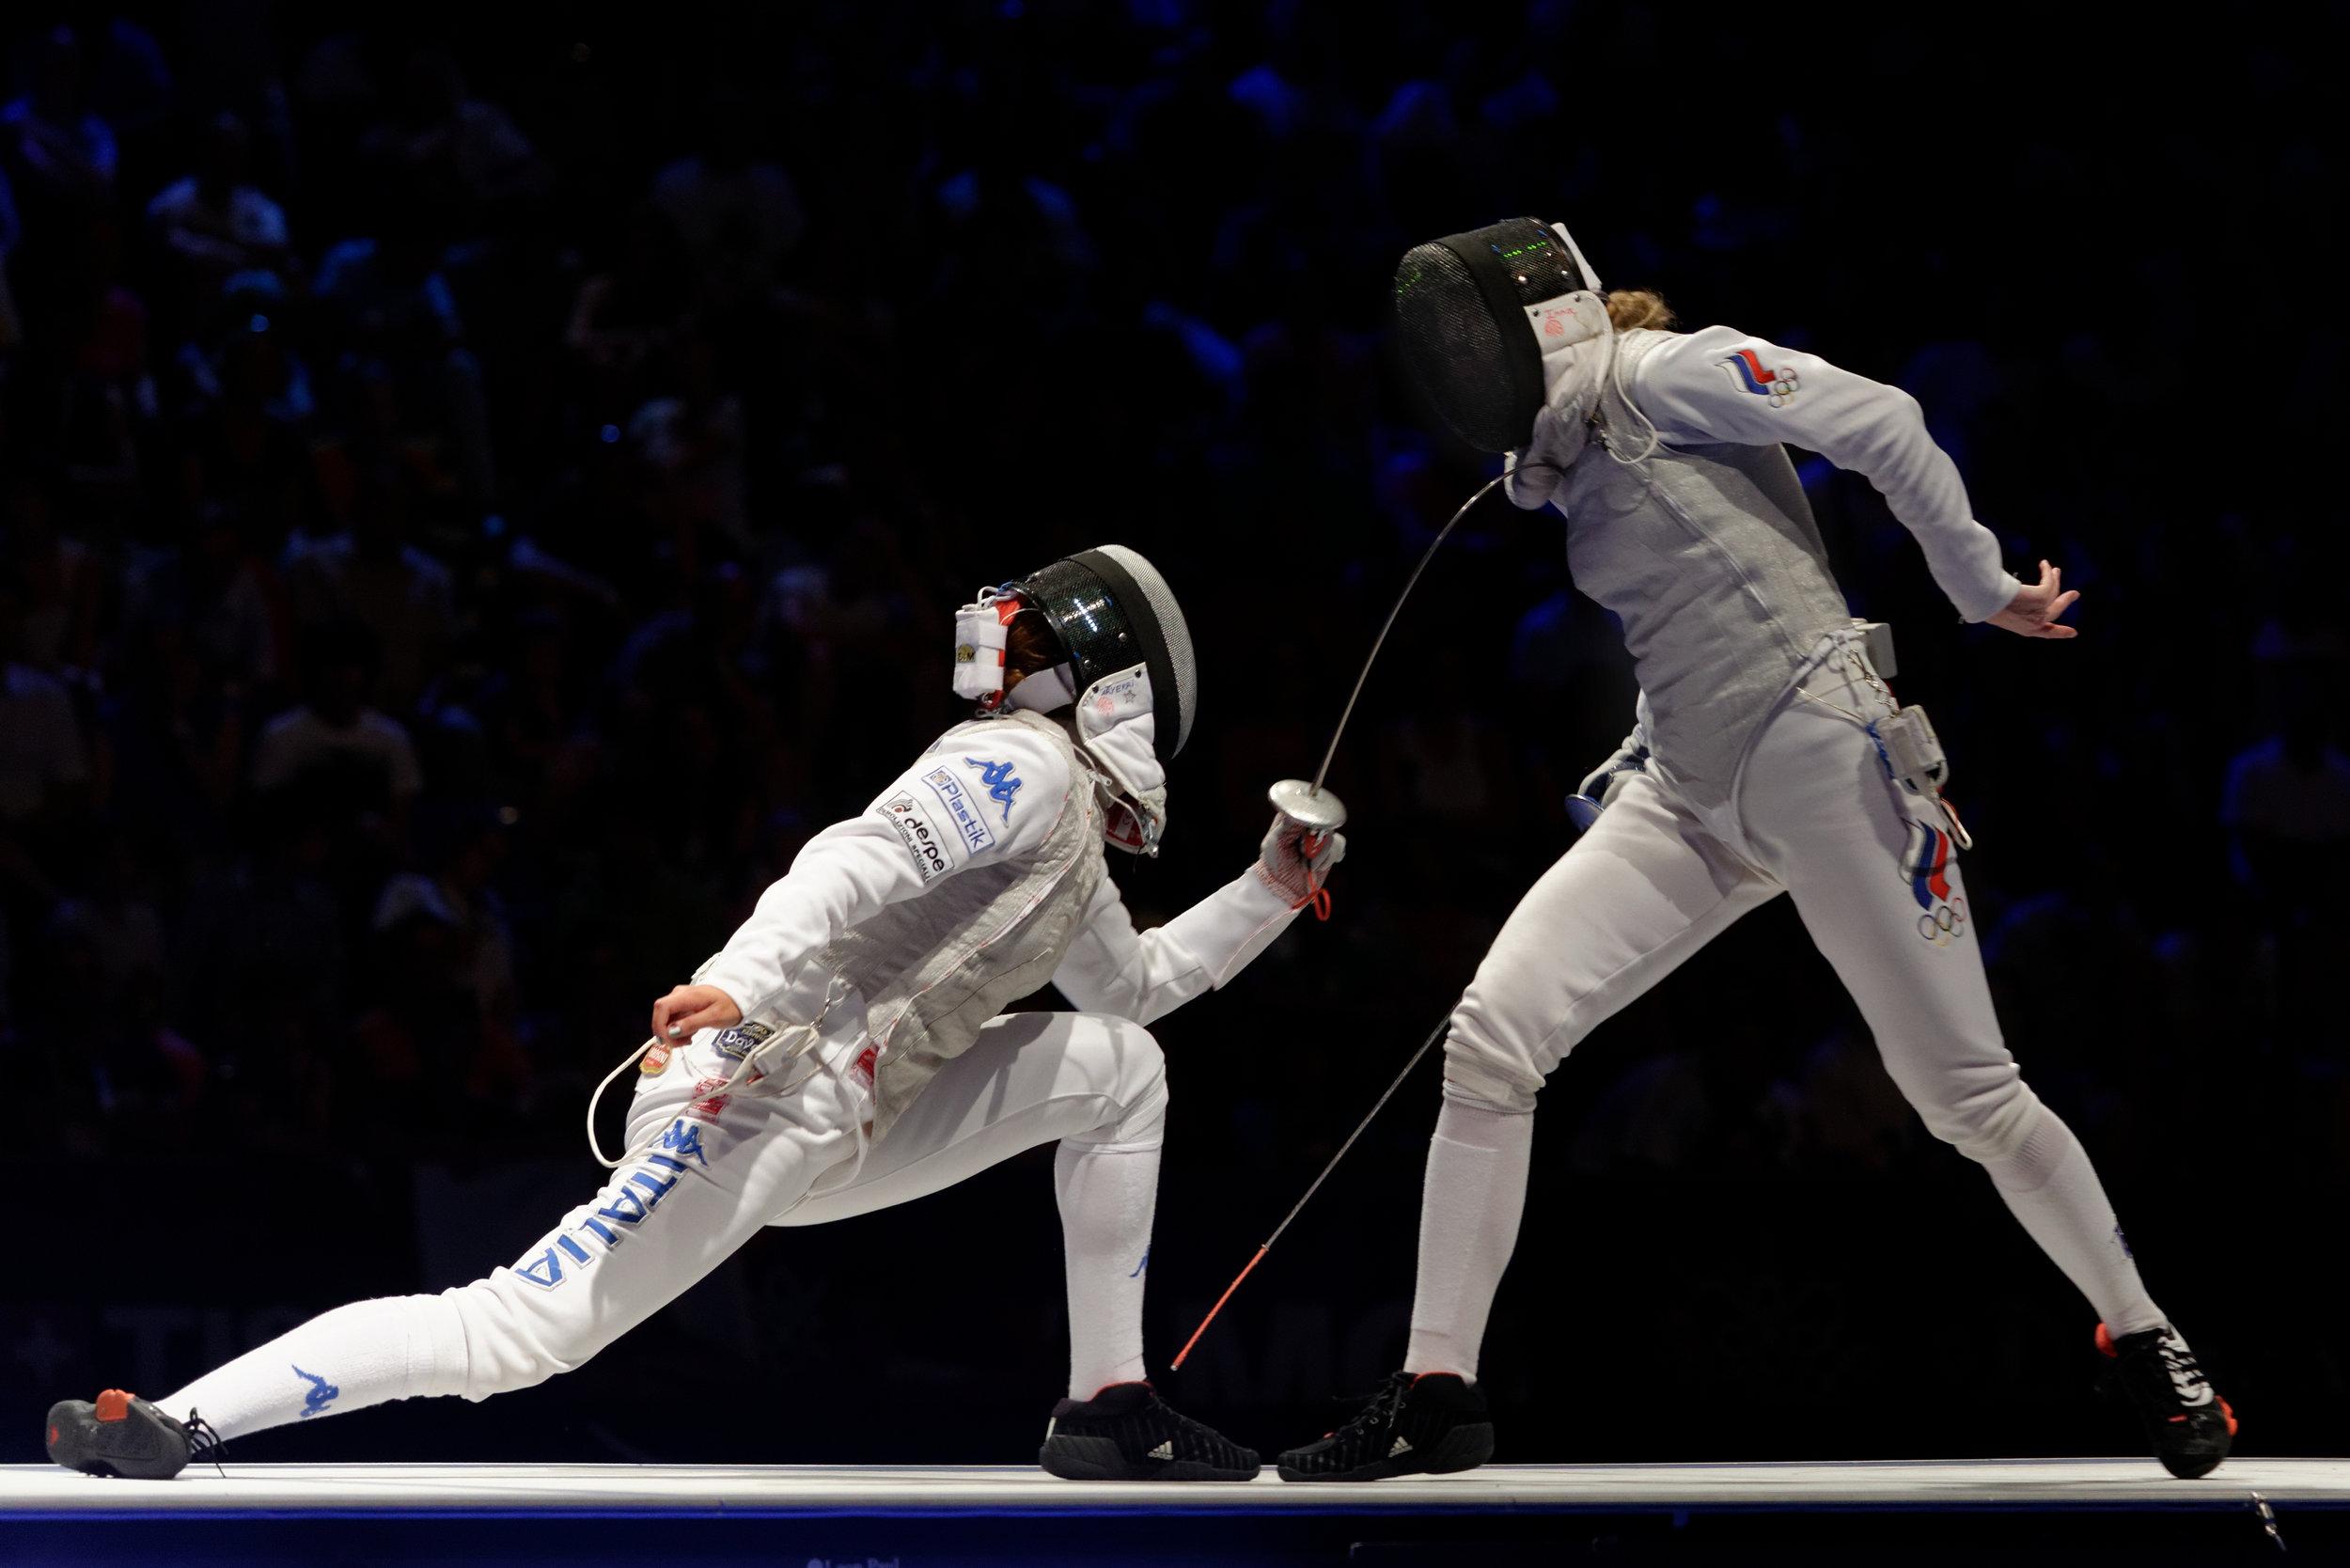 Errigo_v_Deriglazova_2013_Fencing_WCH_FFS-IN_t190716.jpg